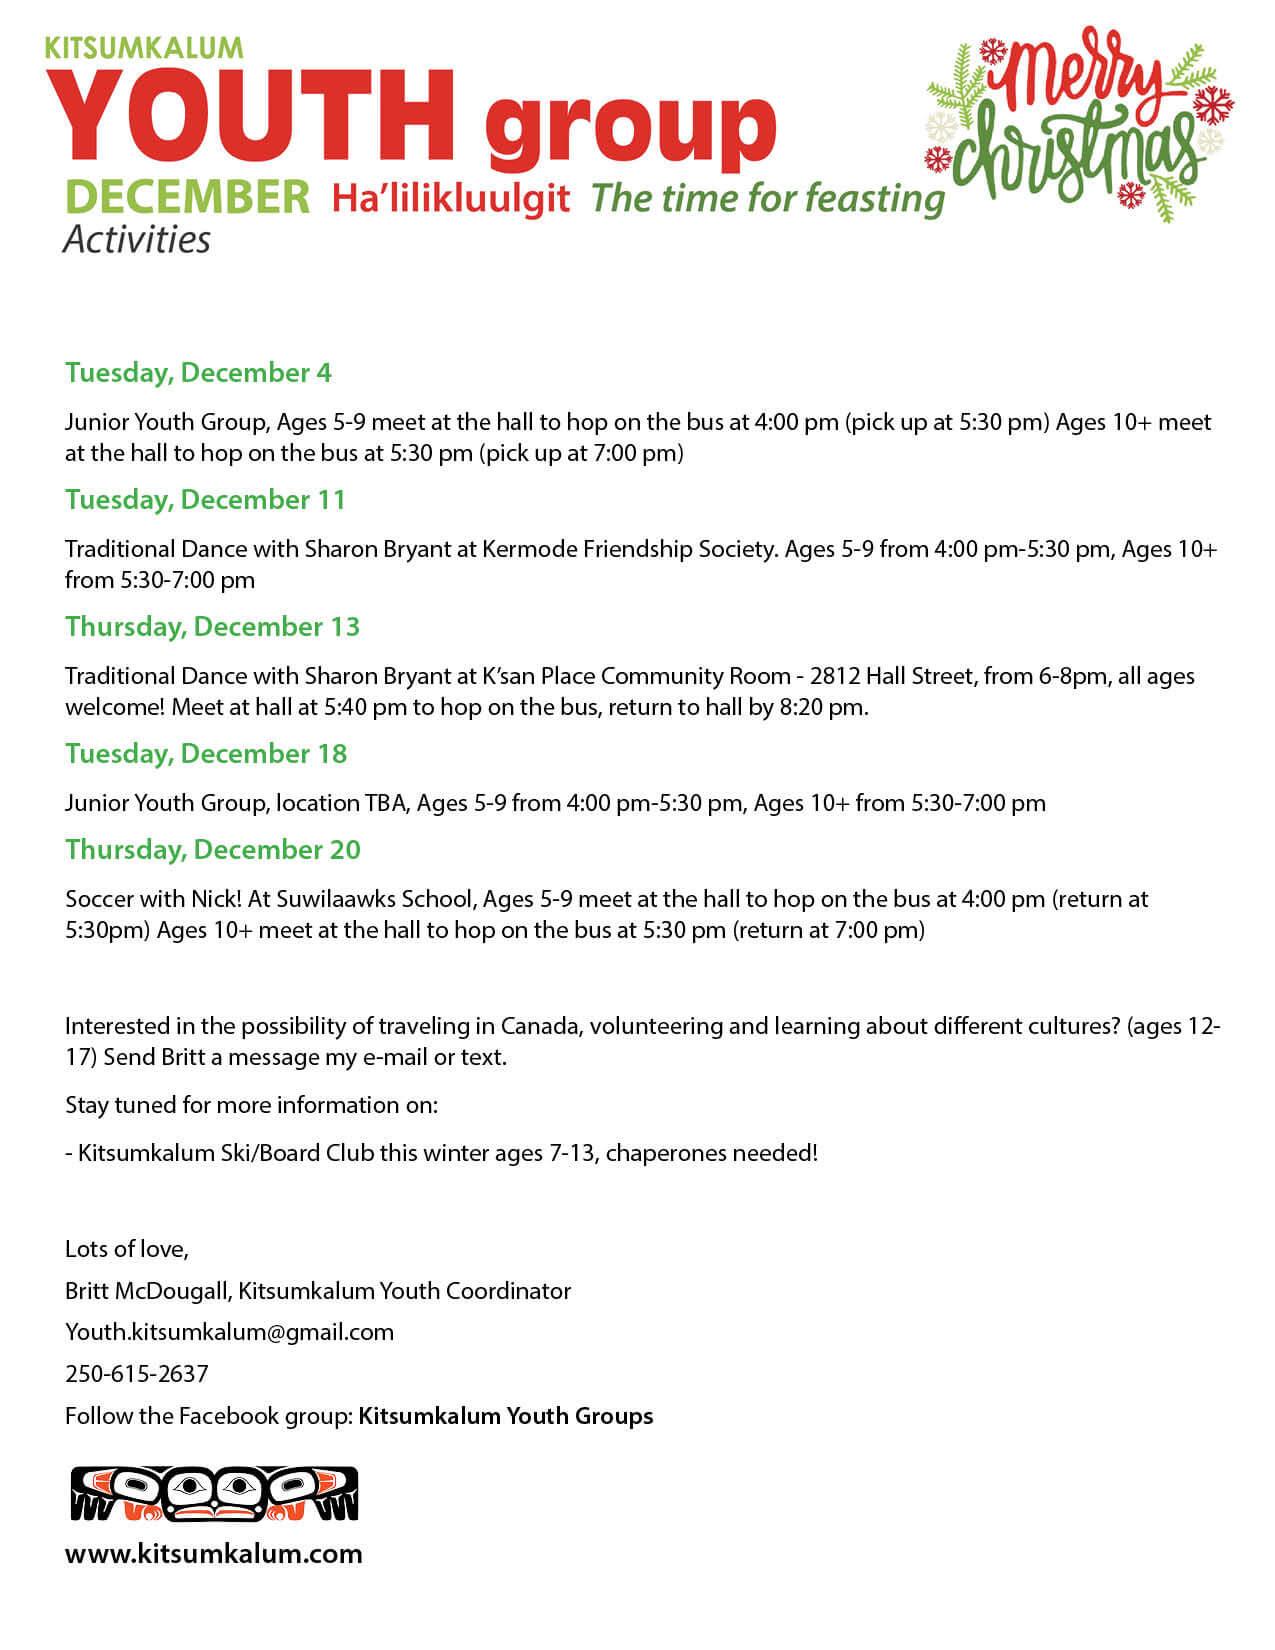 Kitsumkalum Youth Group December Activities